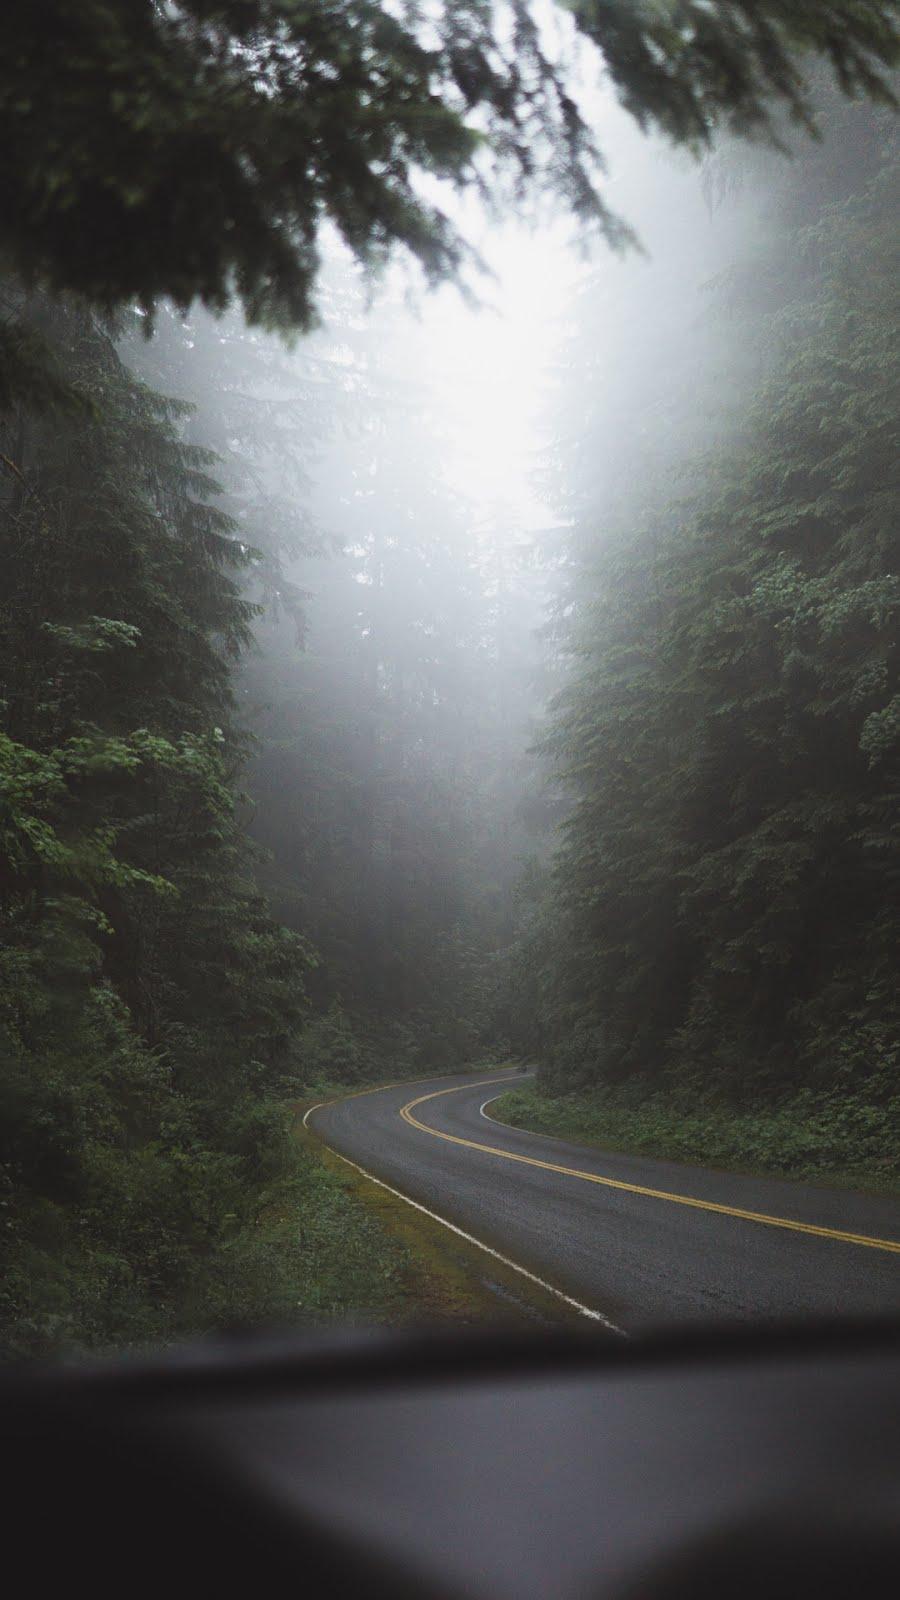 طريق هادئ مع اشعة شمس خلابة - خلفيات ايفون X